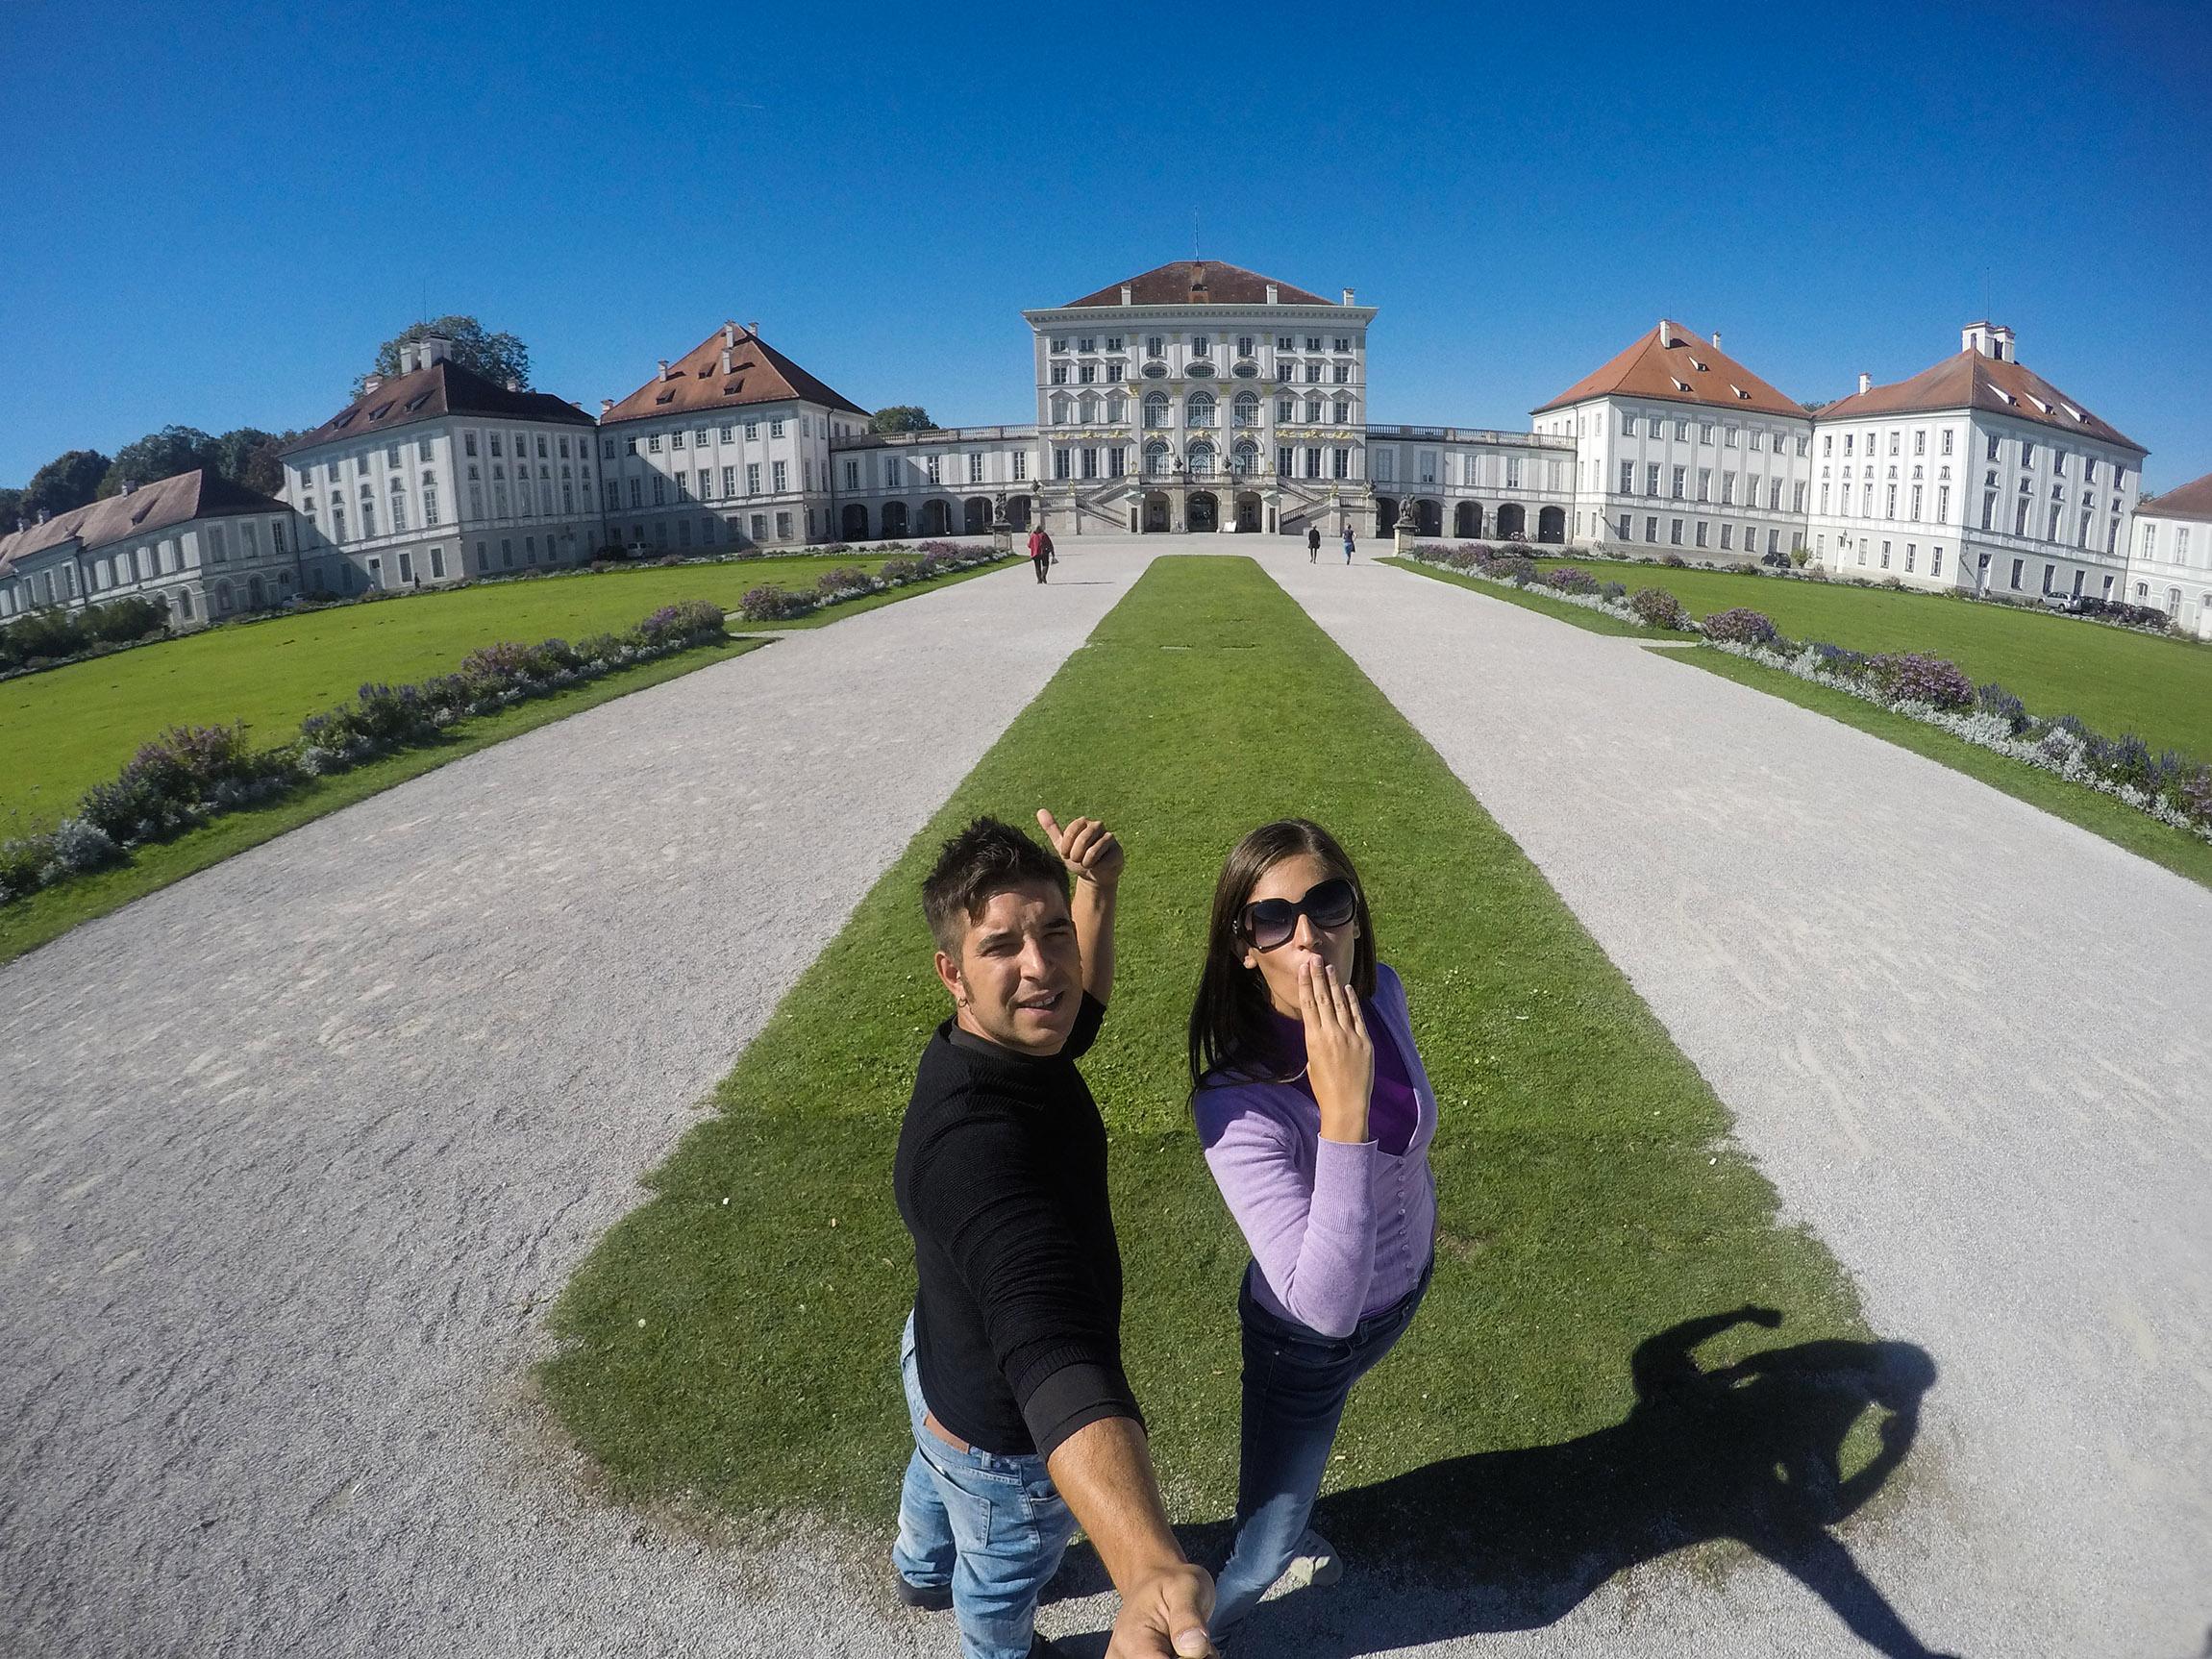 Il Palazzo di Nymphenburg - Monaco di Baviera